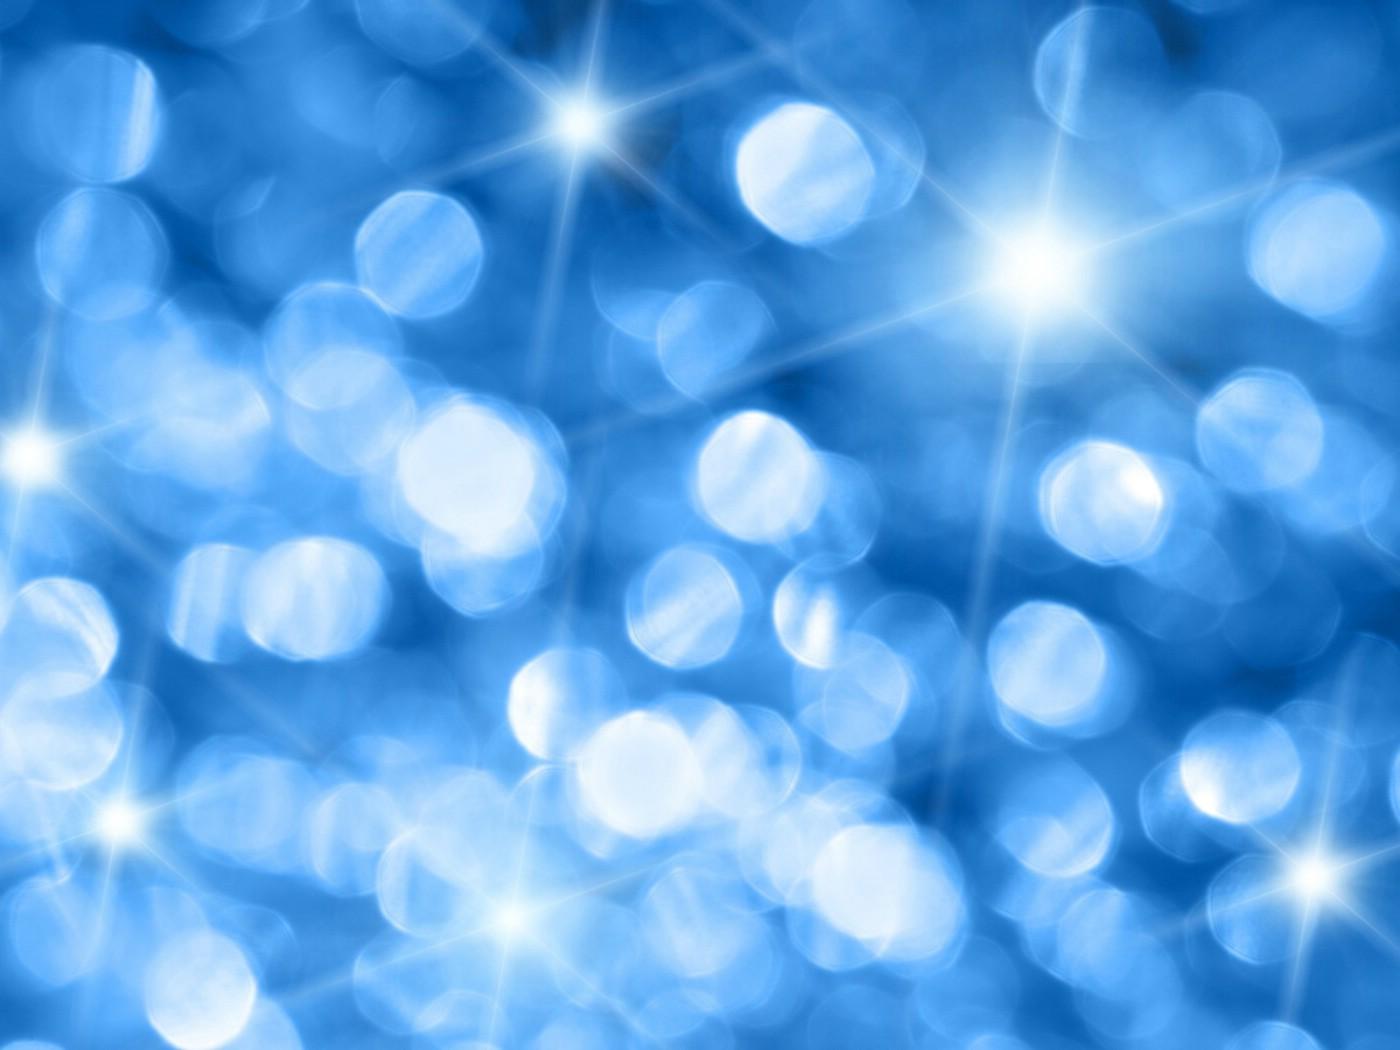 壁纸1400×1050蓝色系梦幻闪烁背景图片192